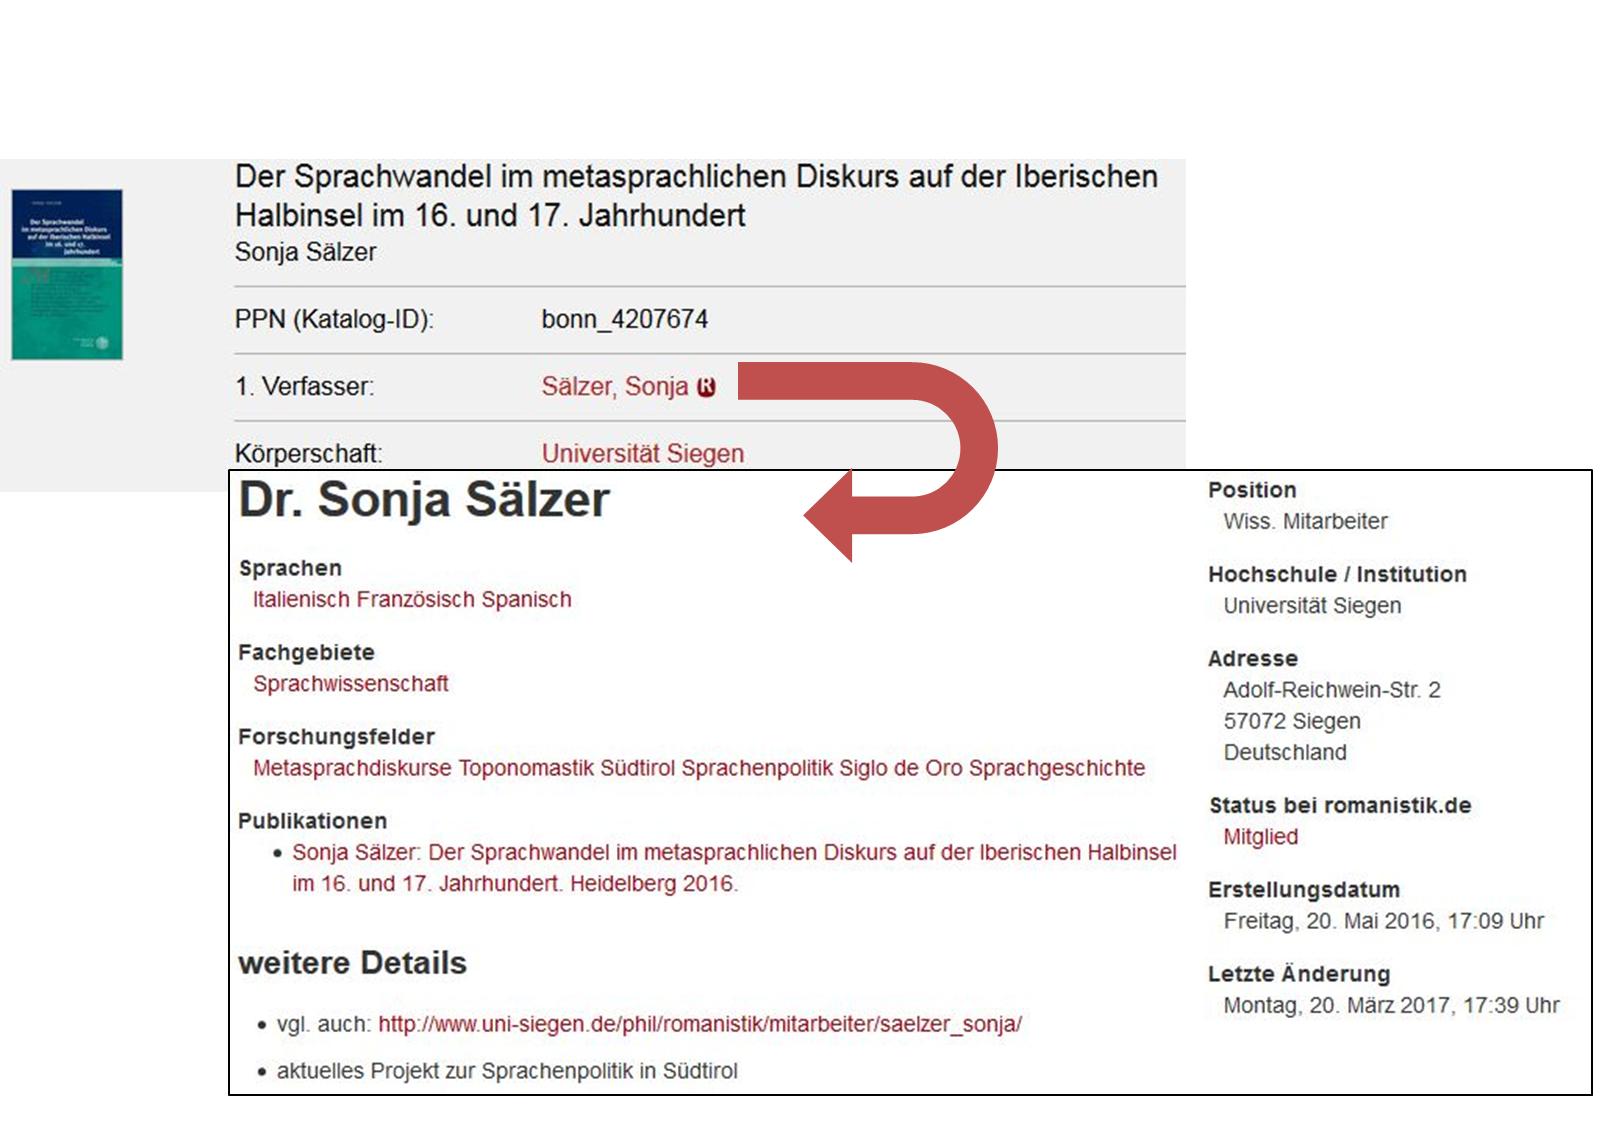 Webservice der AutorInnen gegen Profile auf Romanistik.de prüft.